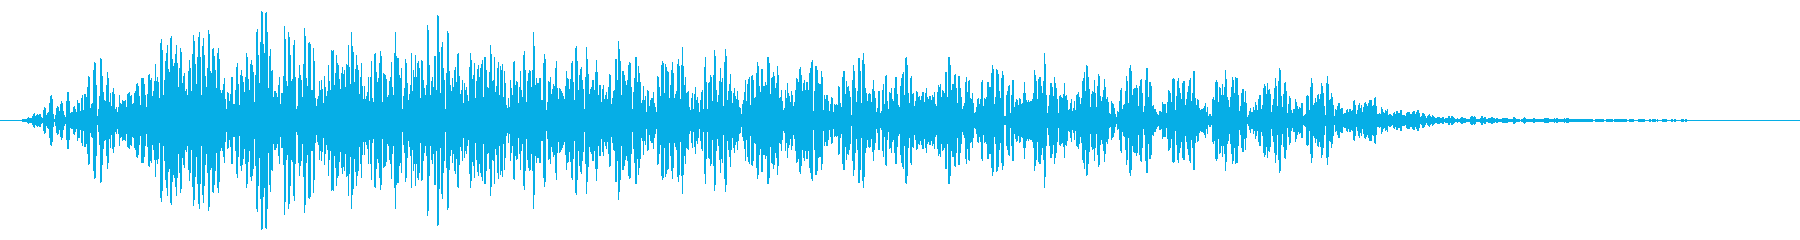 ダーク ストローク ナイロンギターの再生済みの波形